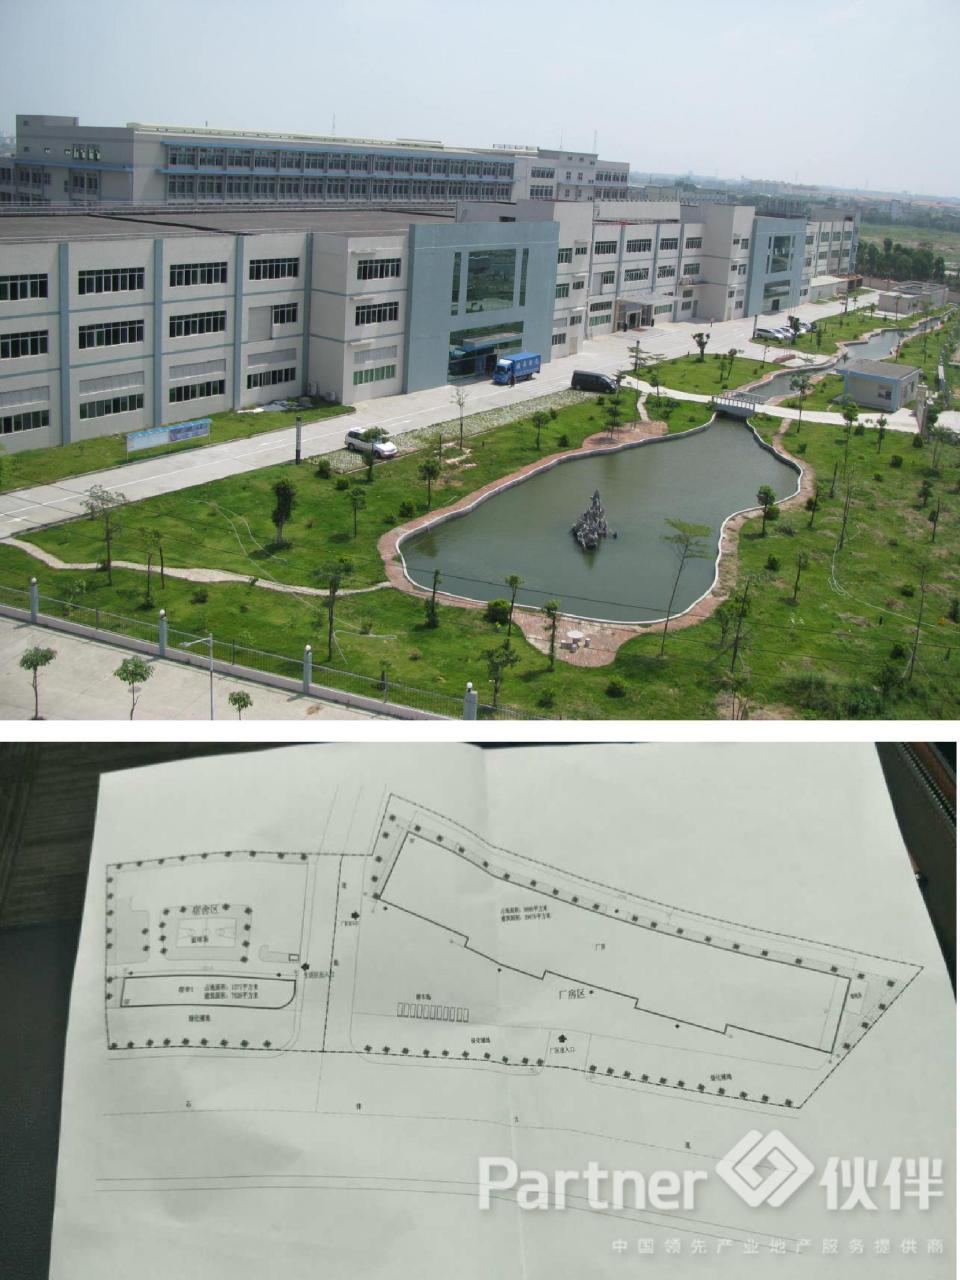 石排镇占地 23500 平 建筑 38000 平花园式厂房出